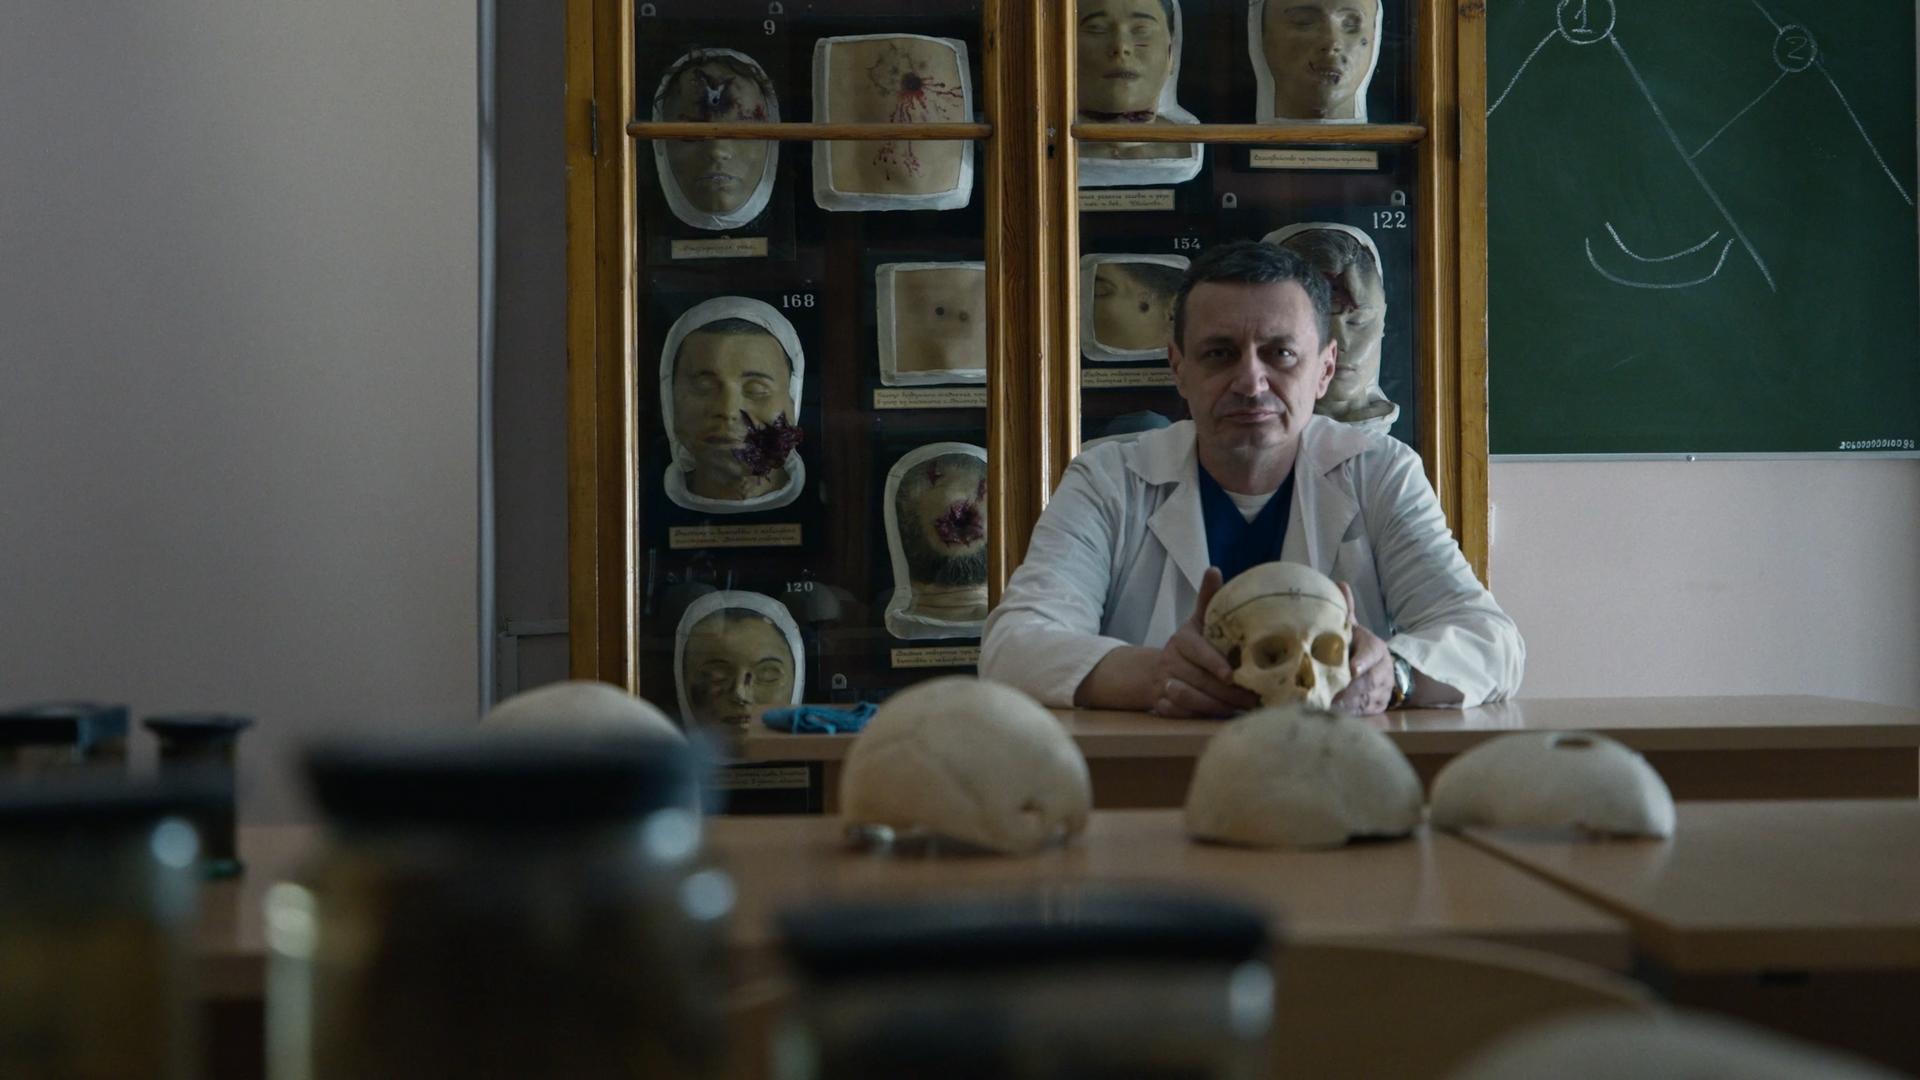 Ένας ιατροδικαστής μιλά για τη ζωή και τον θάνατο και αποκαλύπτει τις άγνωστες πτυχές του επαγγέλματός του - Sputnik Ελλάδα, 1920, 07.10.2021